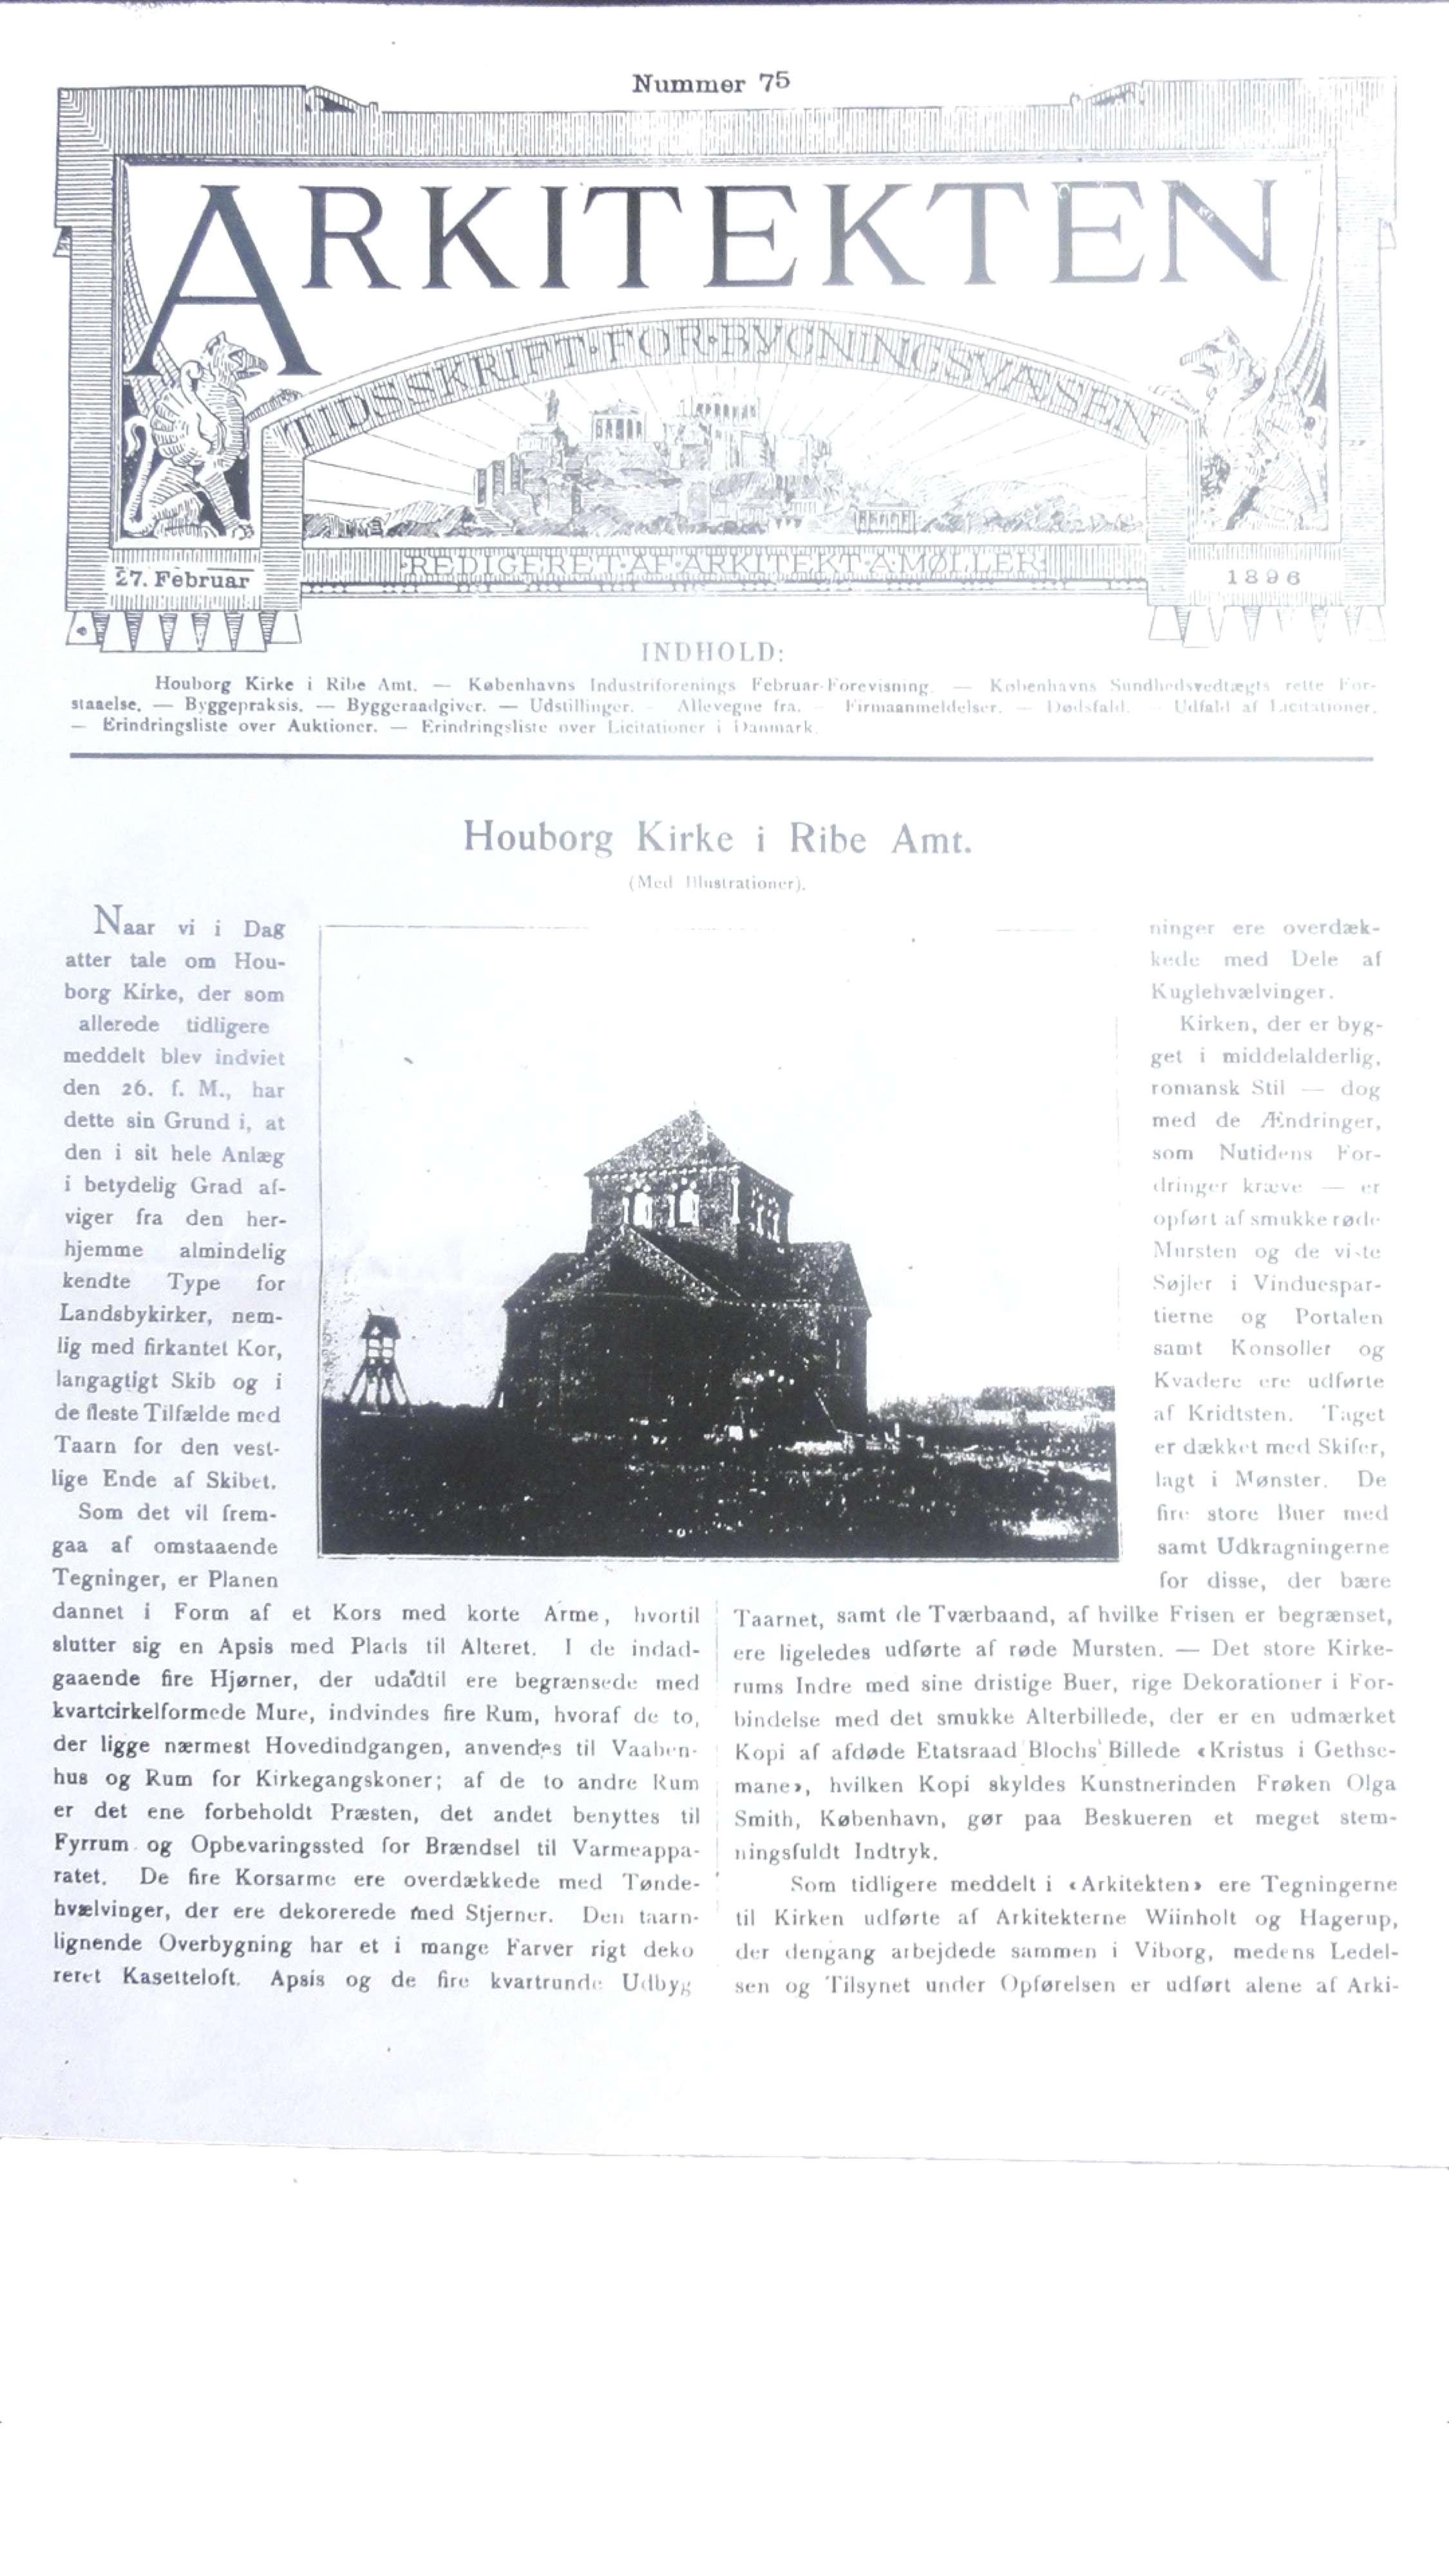 Arkitekten 27. februar 1896 side 1